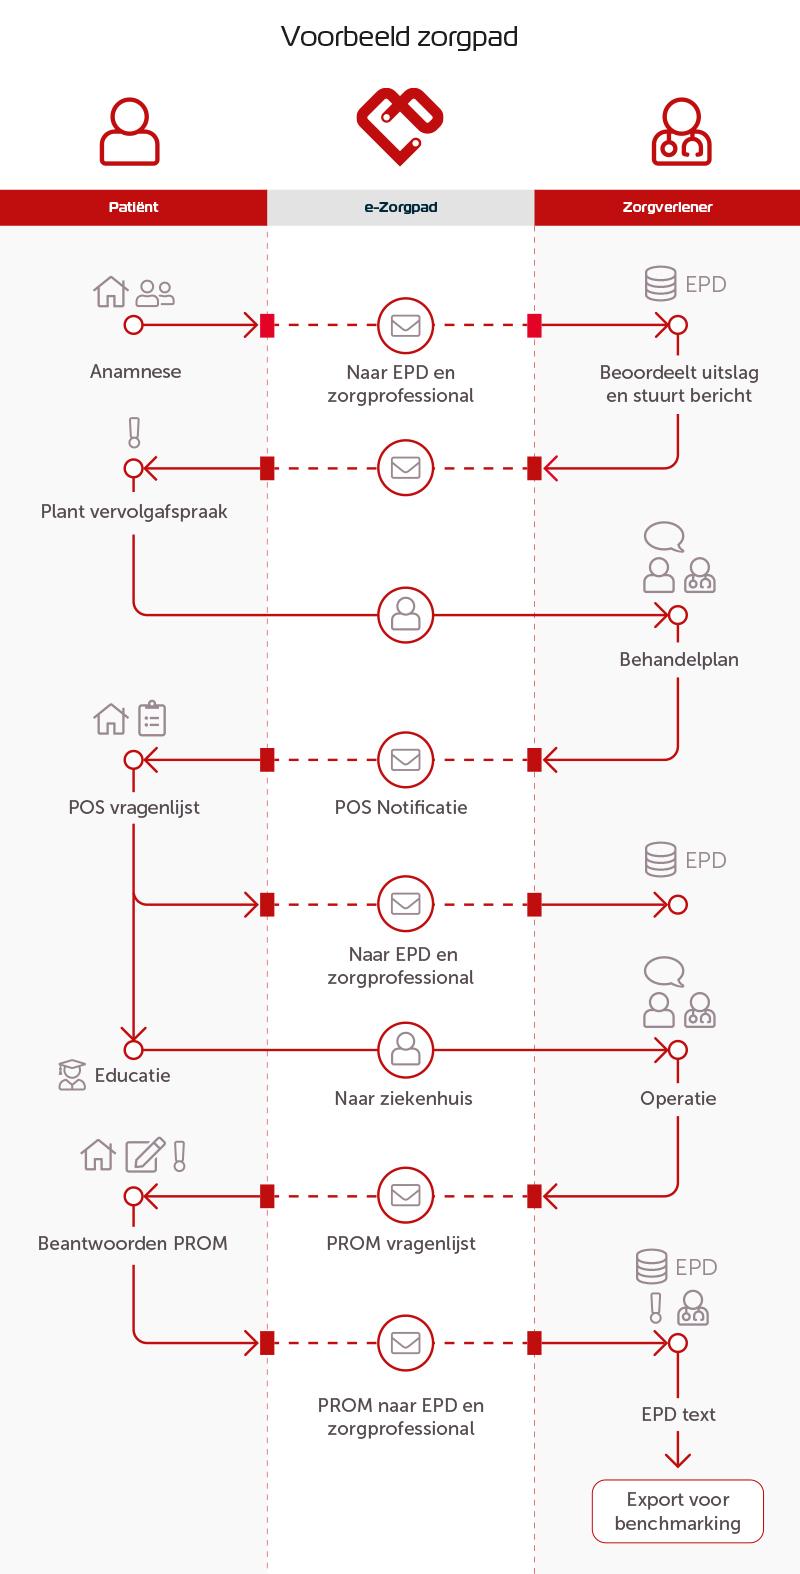 e-Zorgpad - Voorbeeld zorgpad